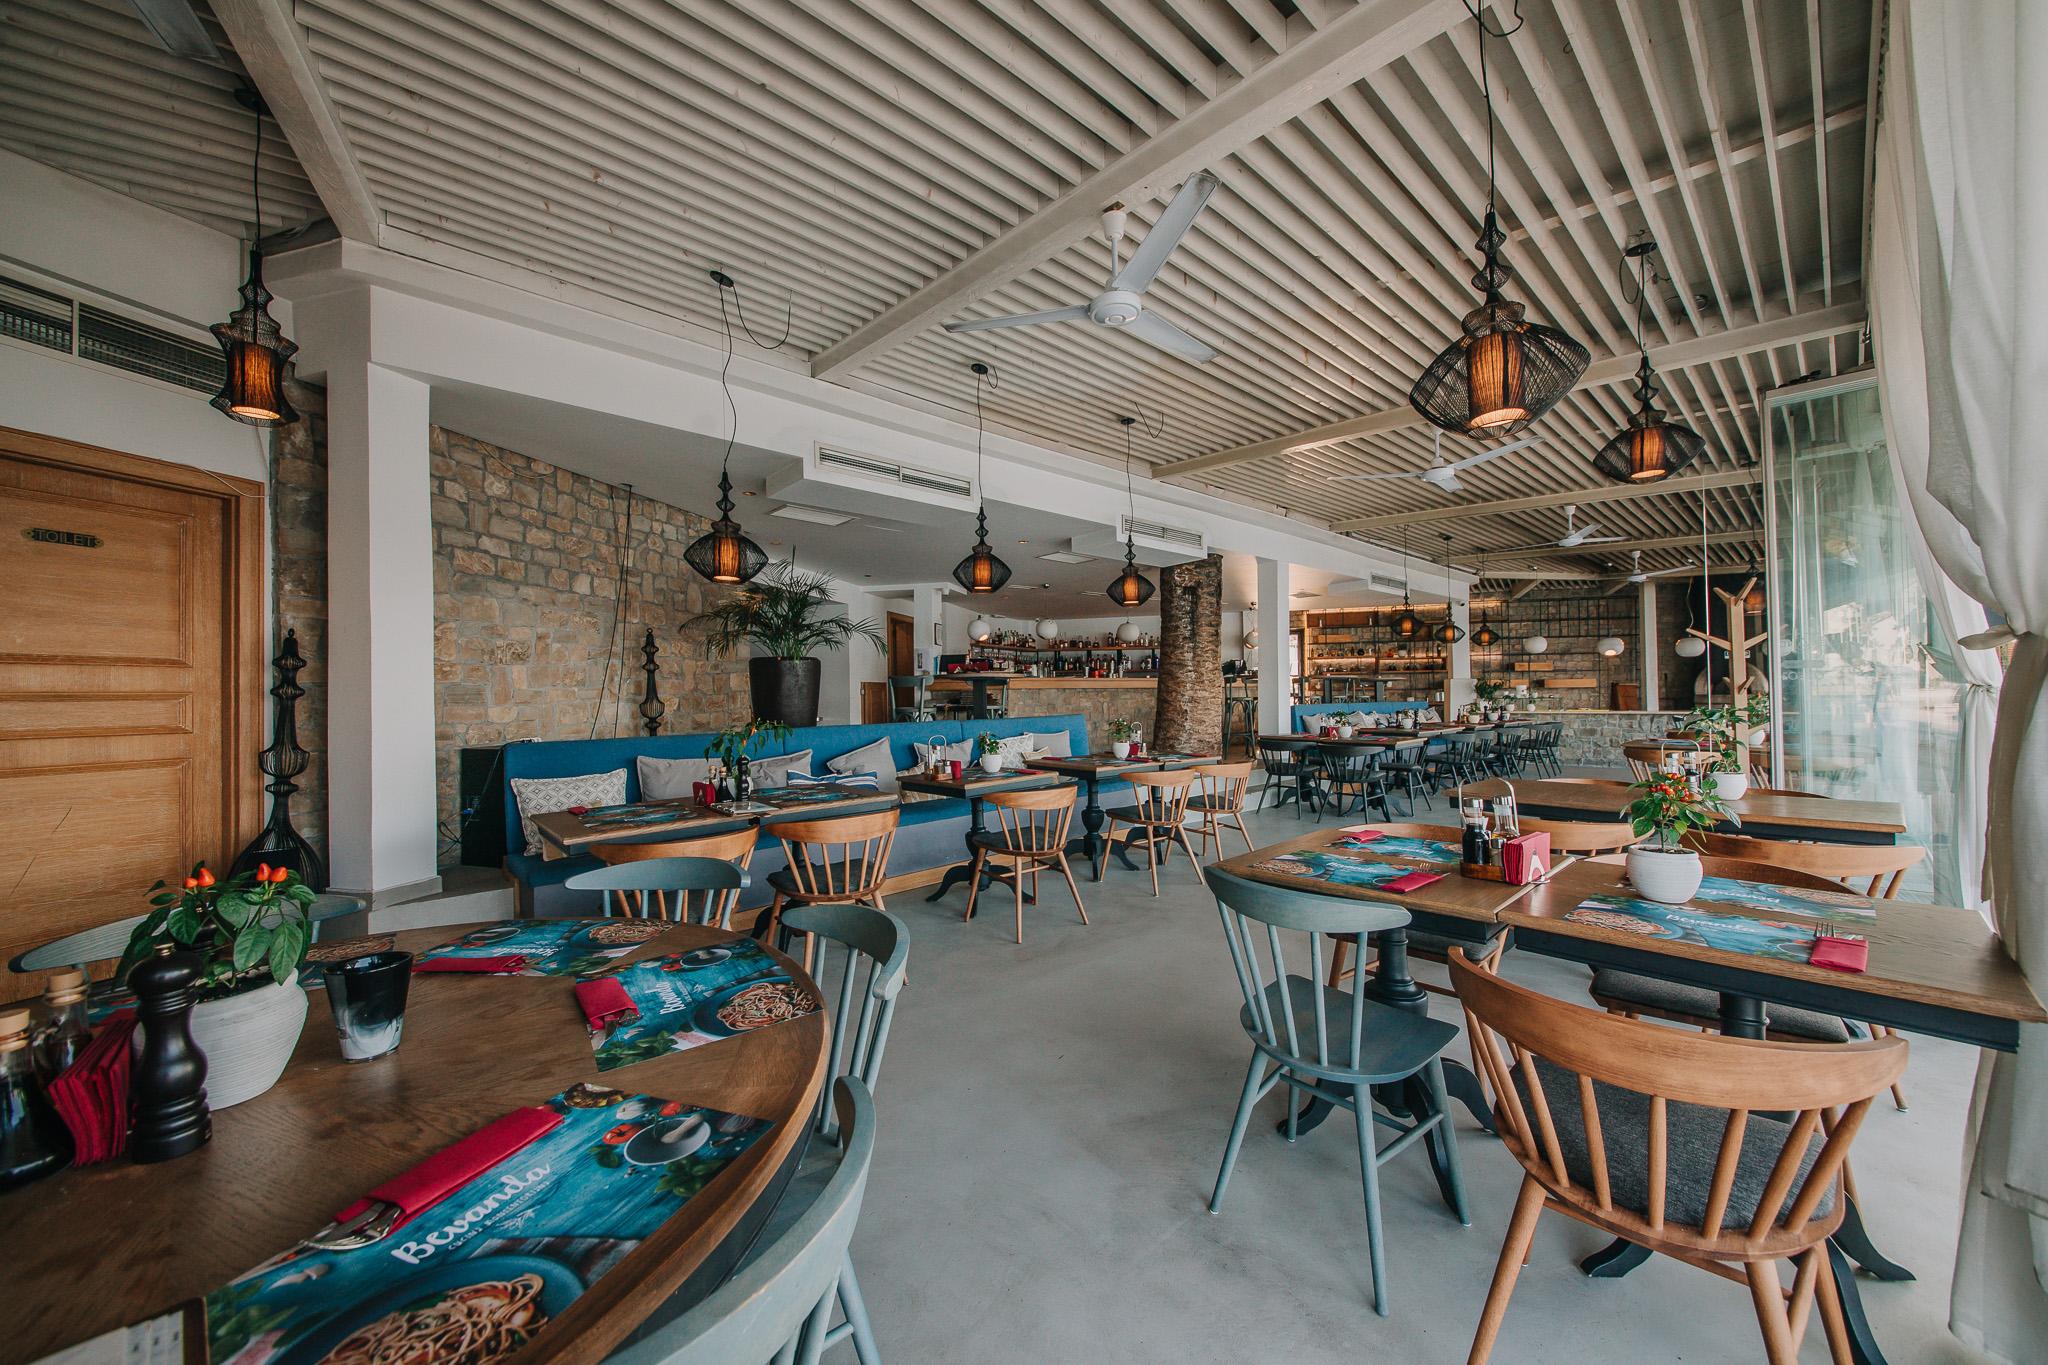 Unutrašnji ambijent restorana Bevanda Tivat